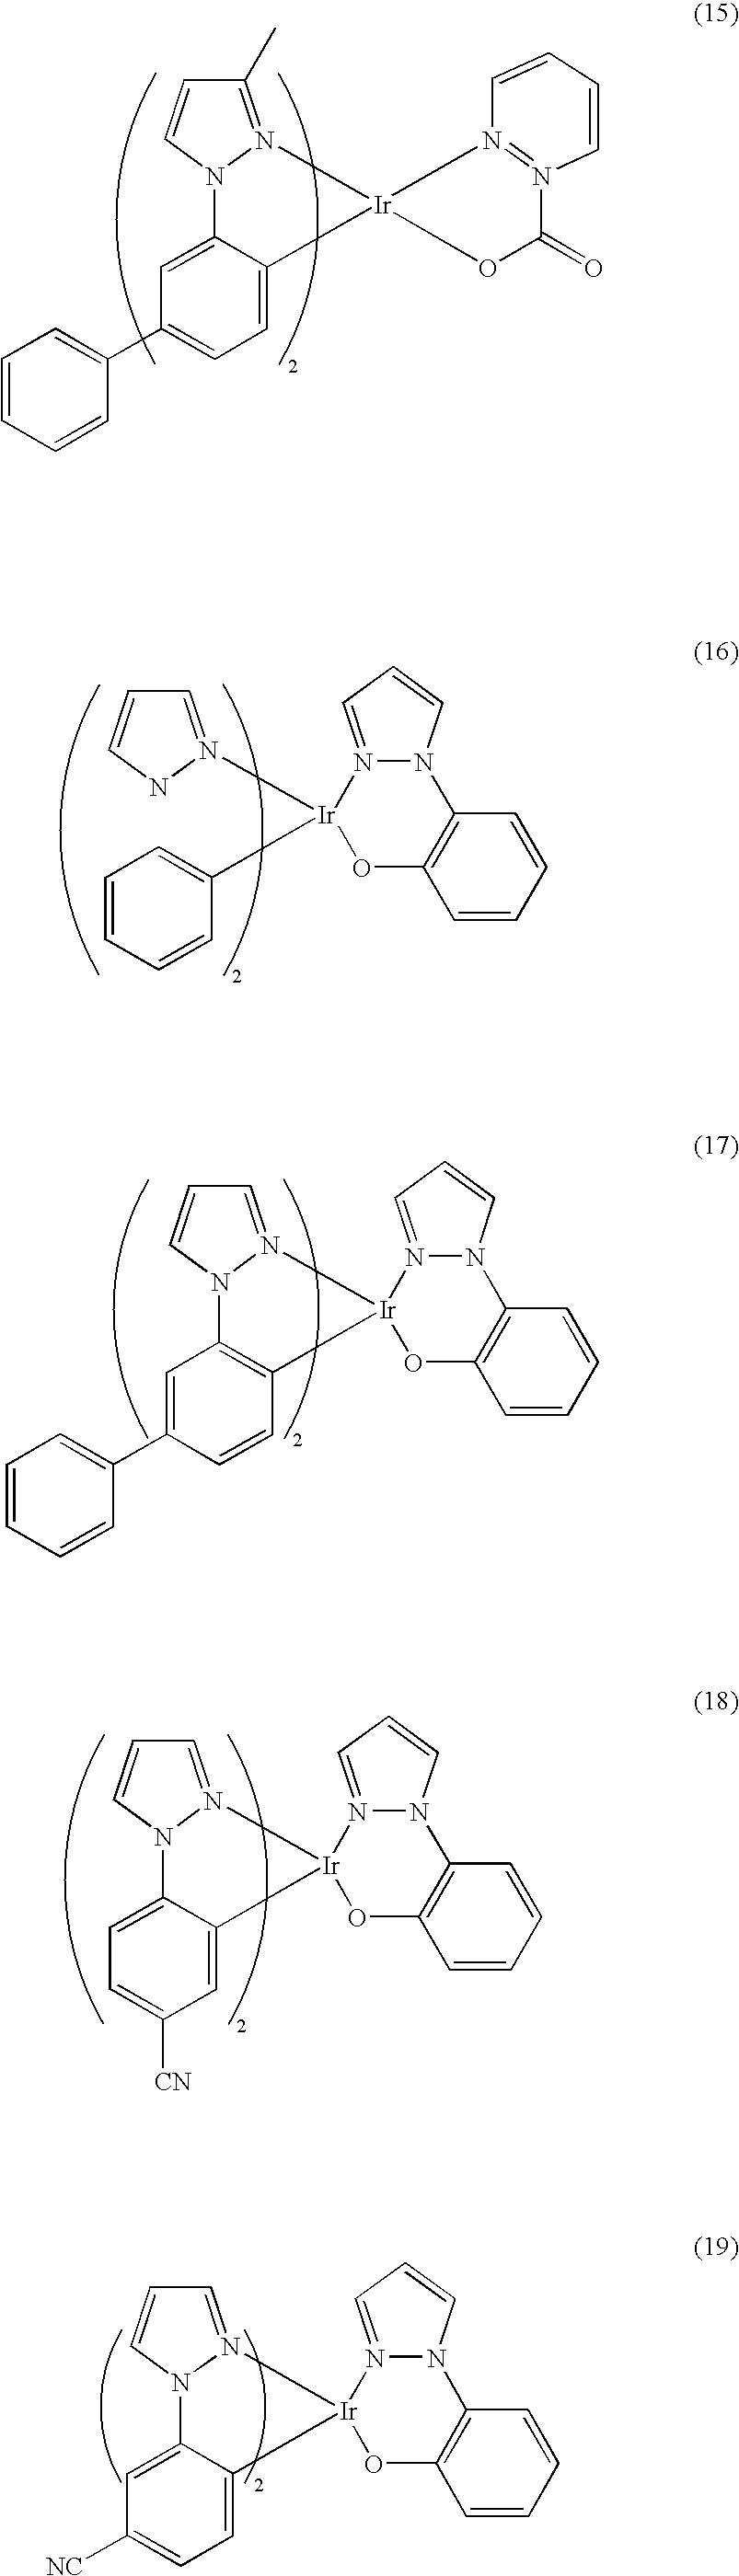 Figure US20050031903A1-20050210-C00063